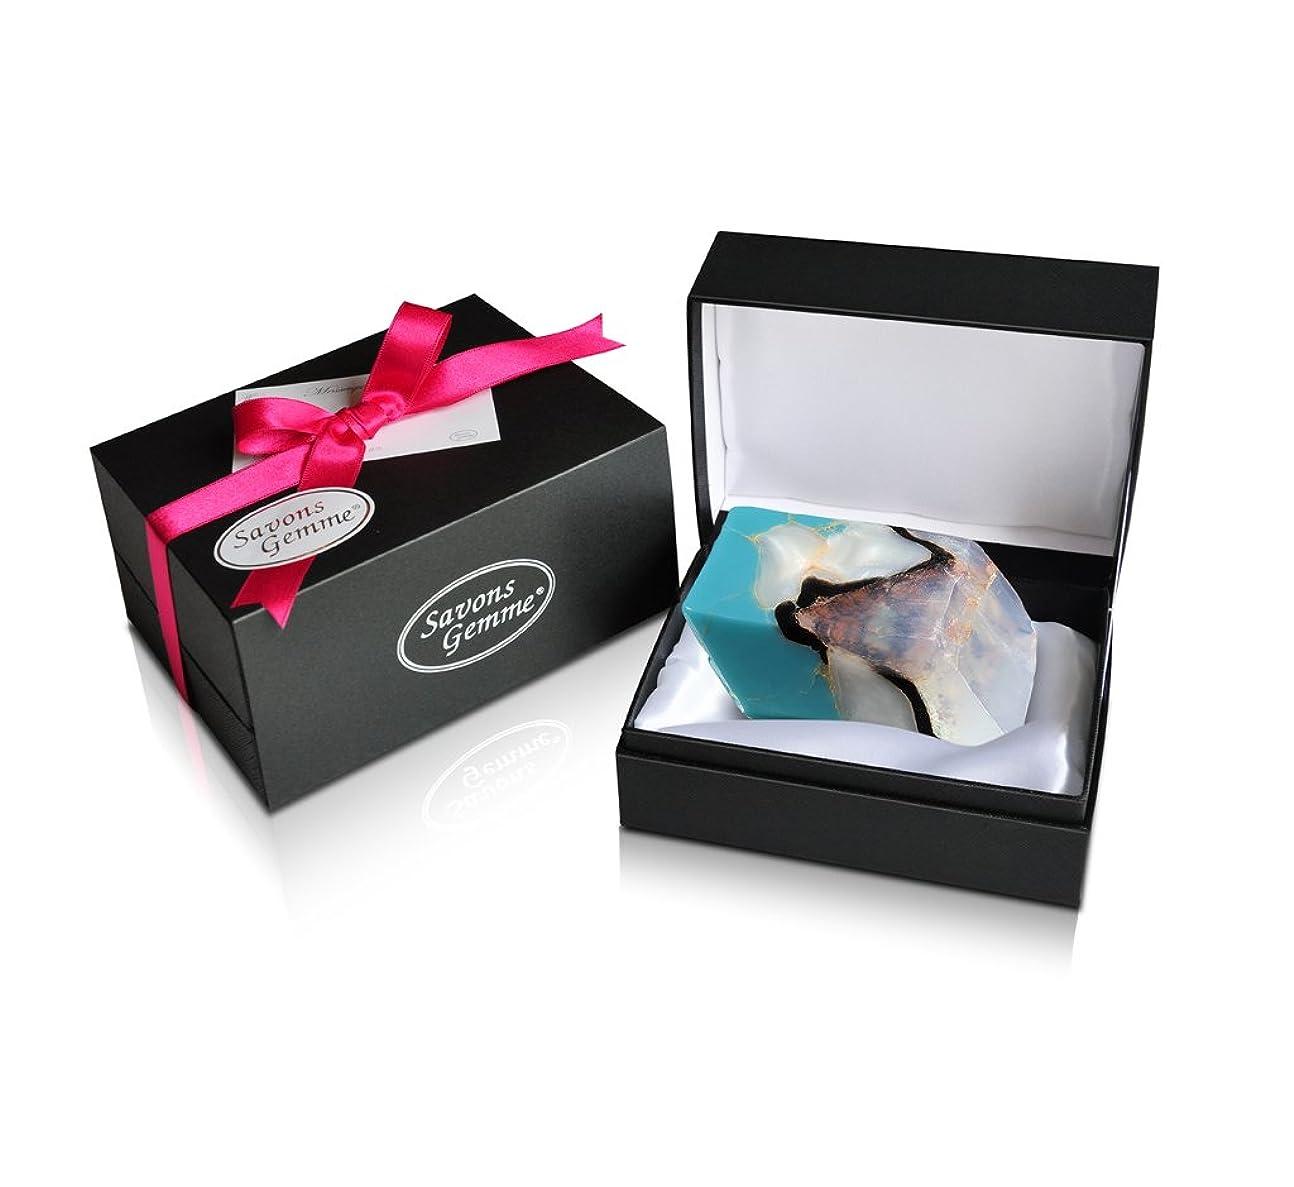 論理的に展示会私たちのSavons Gemme サボンジェム ジュエリーギフトボックス 世界で一番美しい宝石石鹸 フレグランス ソープ ターコイズ 170g